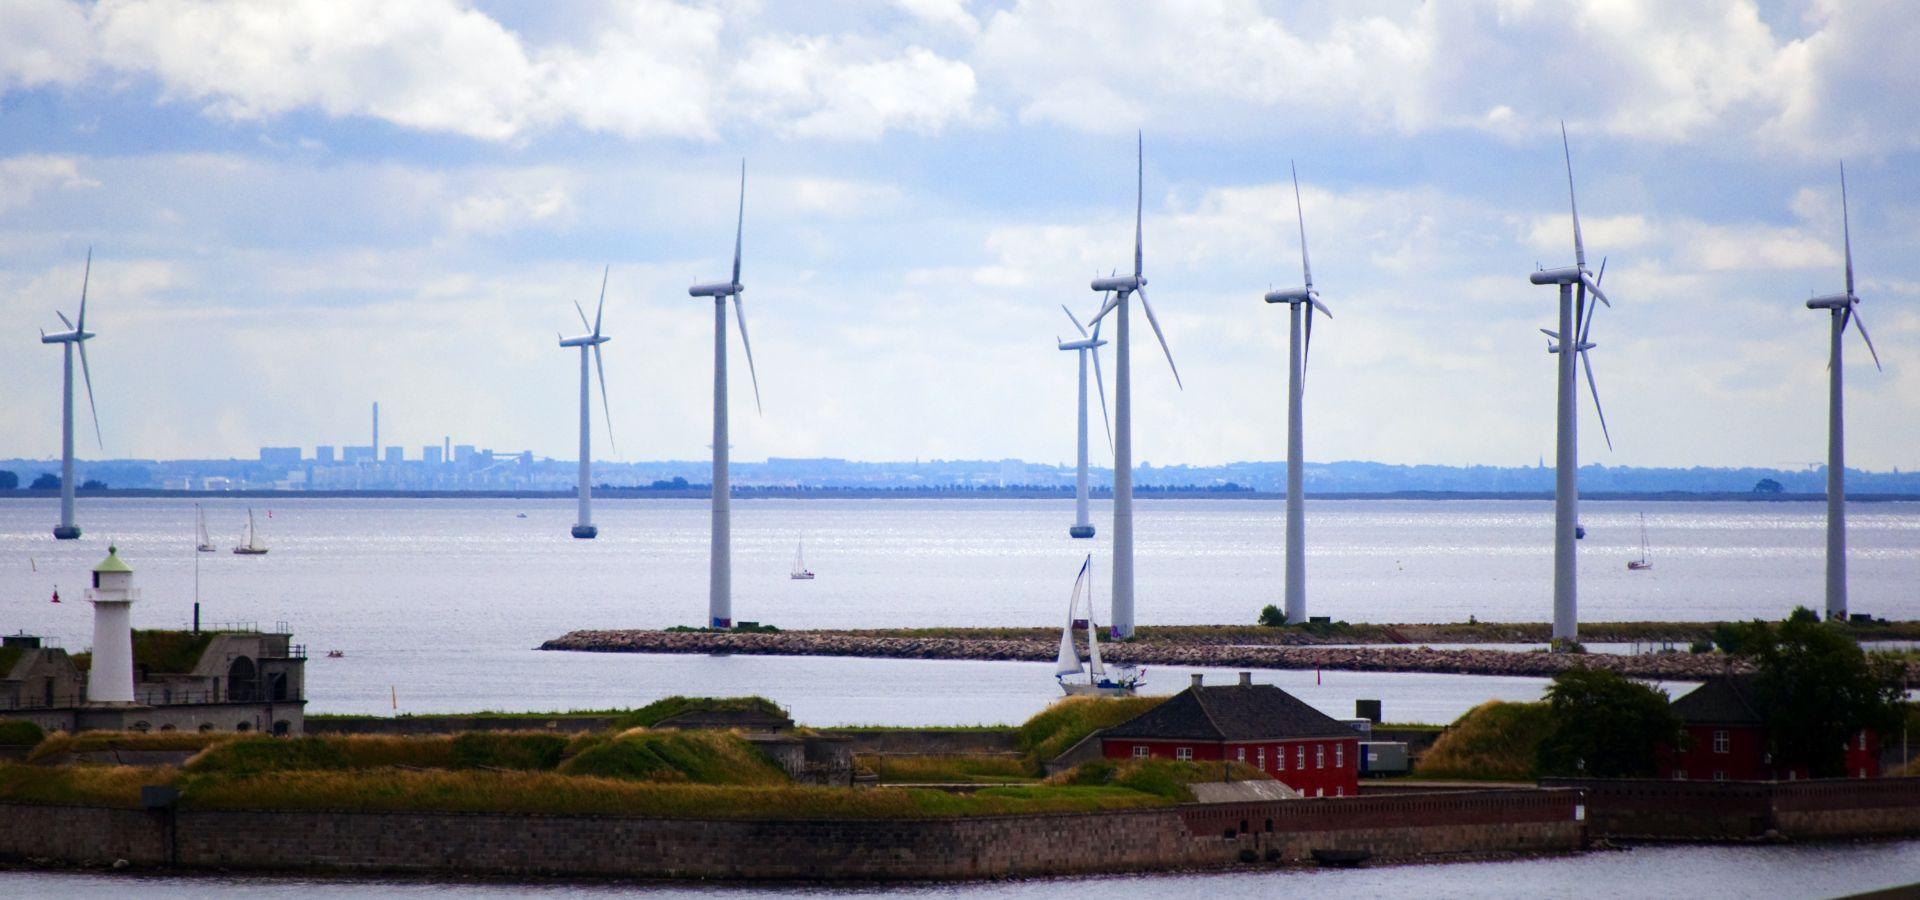 Von der Küste aus sind Windräder im Meer zu sehen, im Vordergrund ein kleines Haus